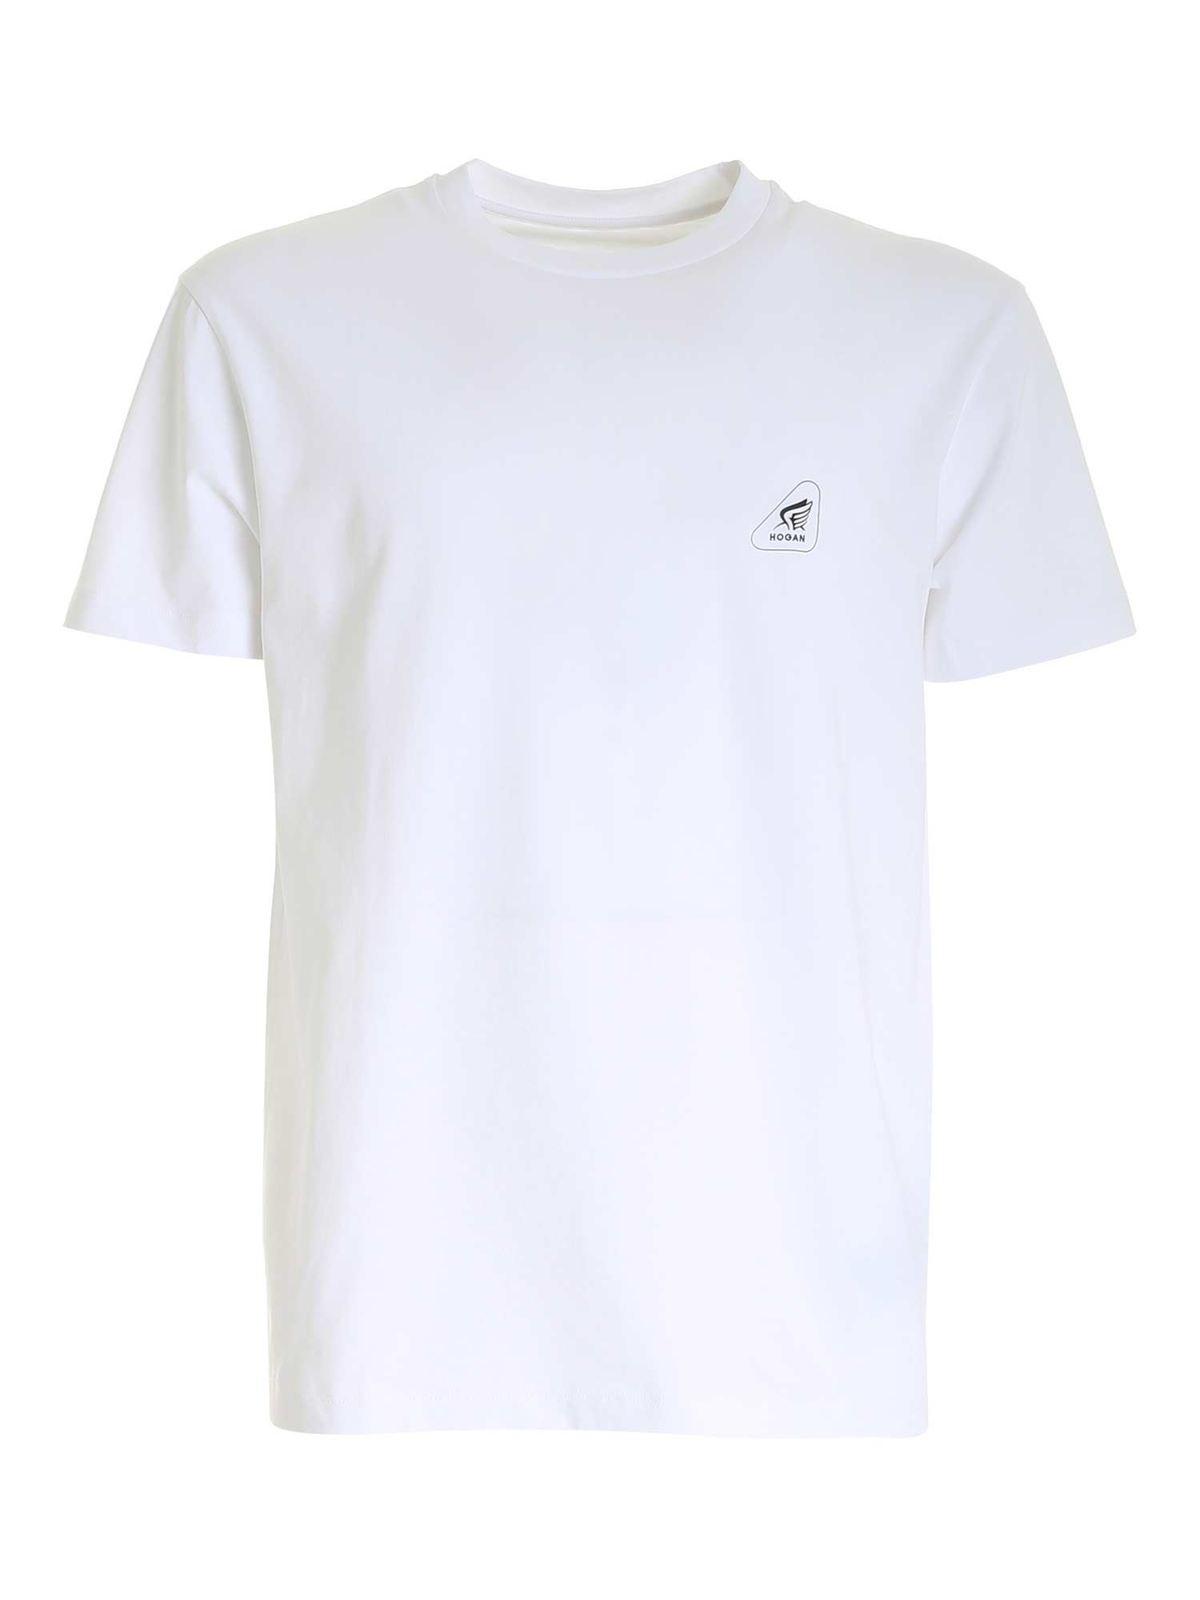 Hogan Shirts BLACK LOGO T-SHIRT IN WHITE